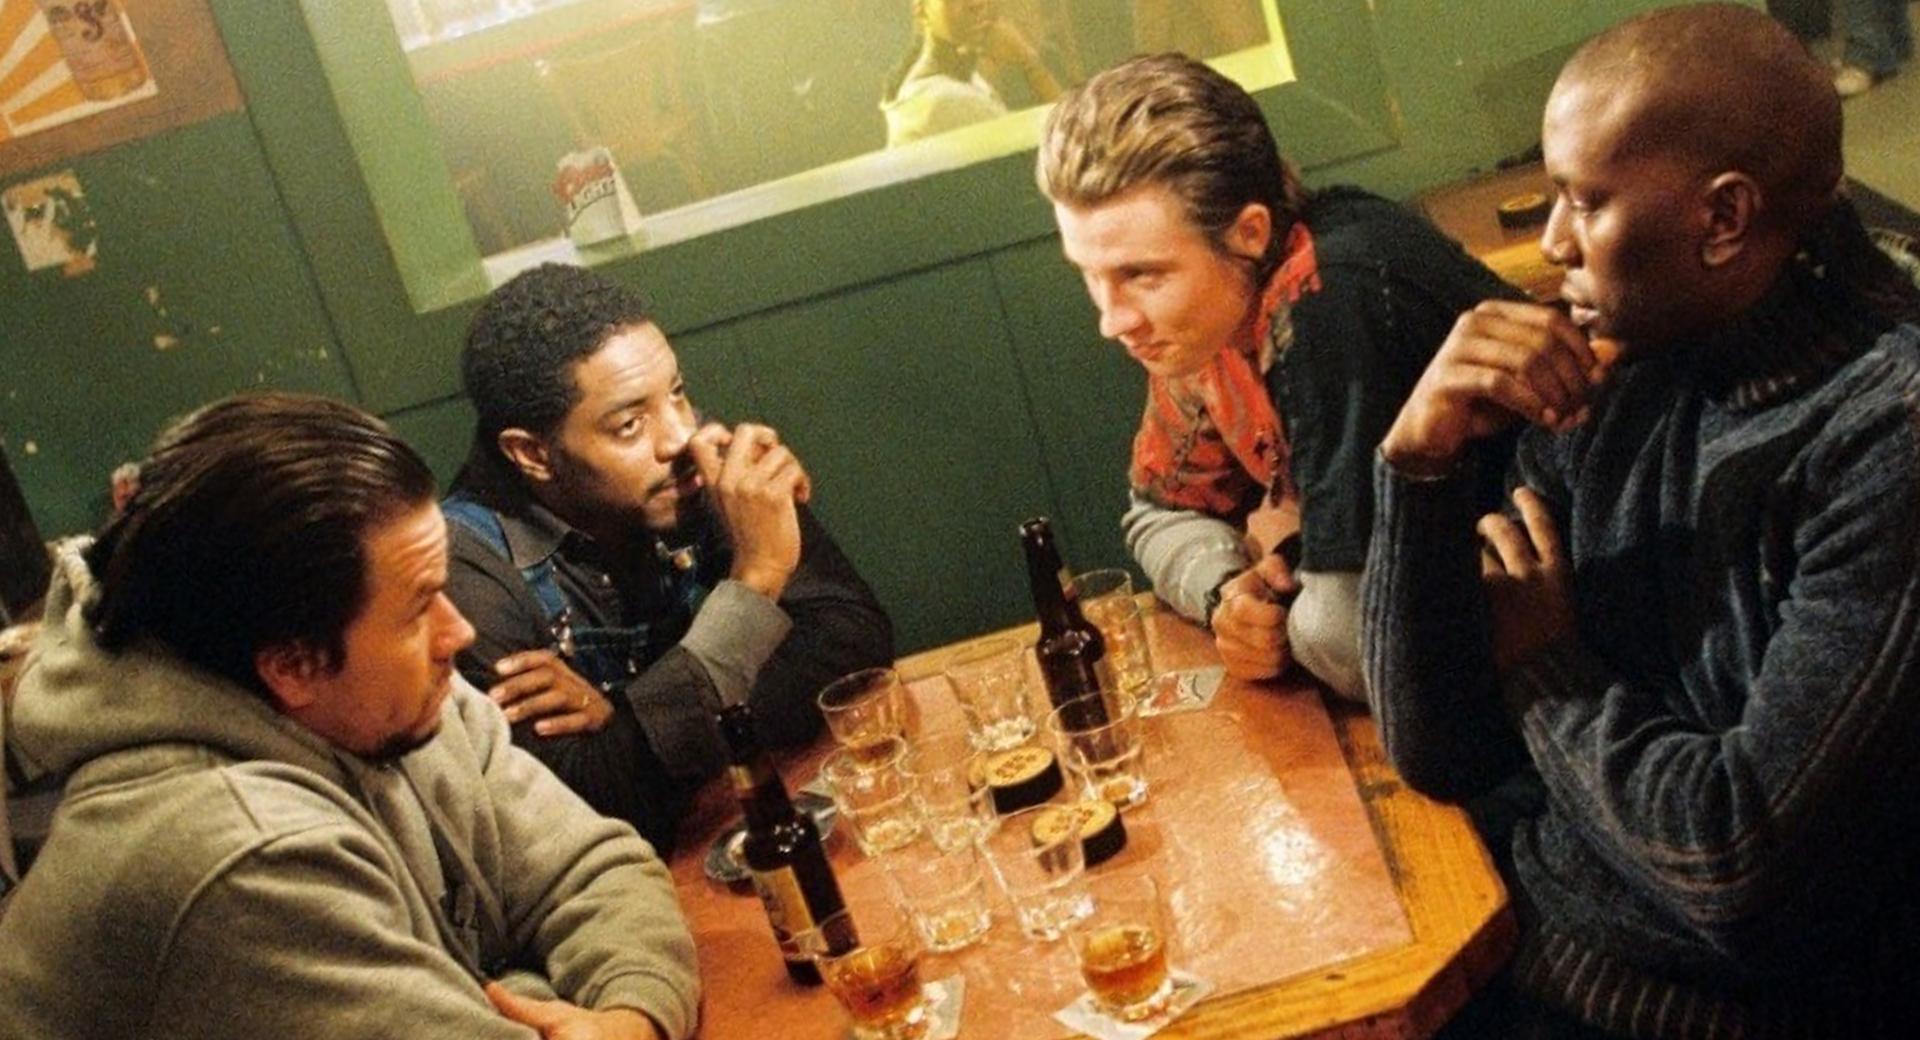 Four brothers 2005 Братья по крови фильм 2005 Фильм четыре брата Марк Уолберг кровь за кровь